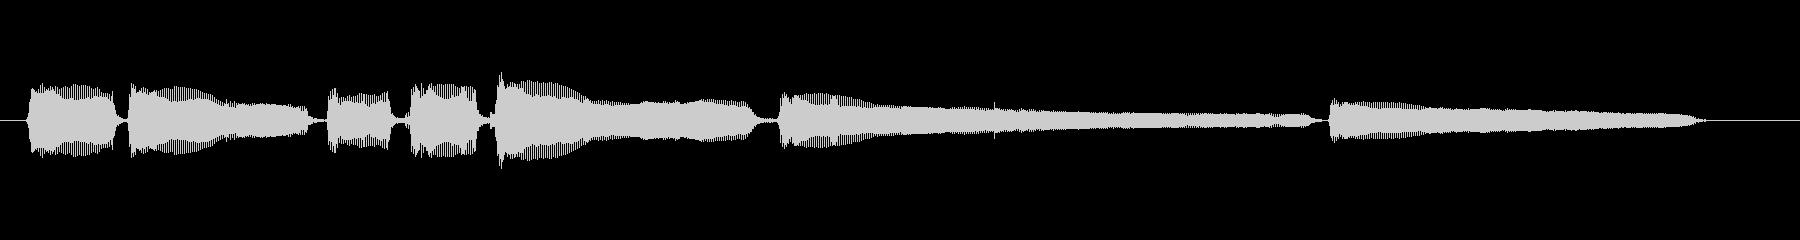 生音エレキギター5弦チューニング2の未再生の波形